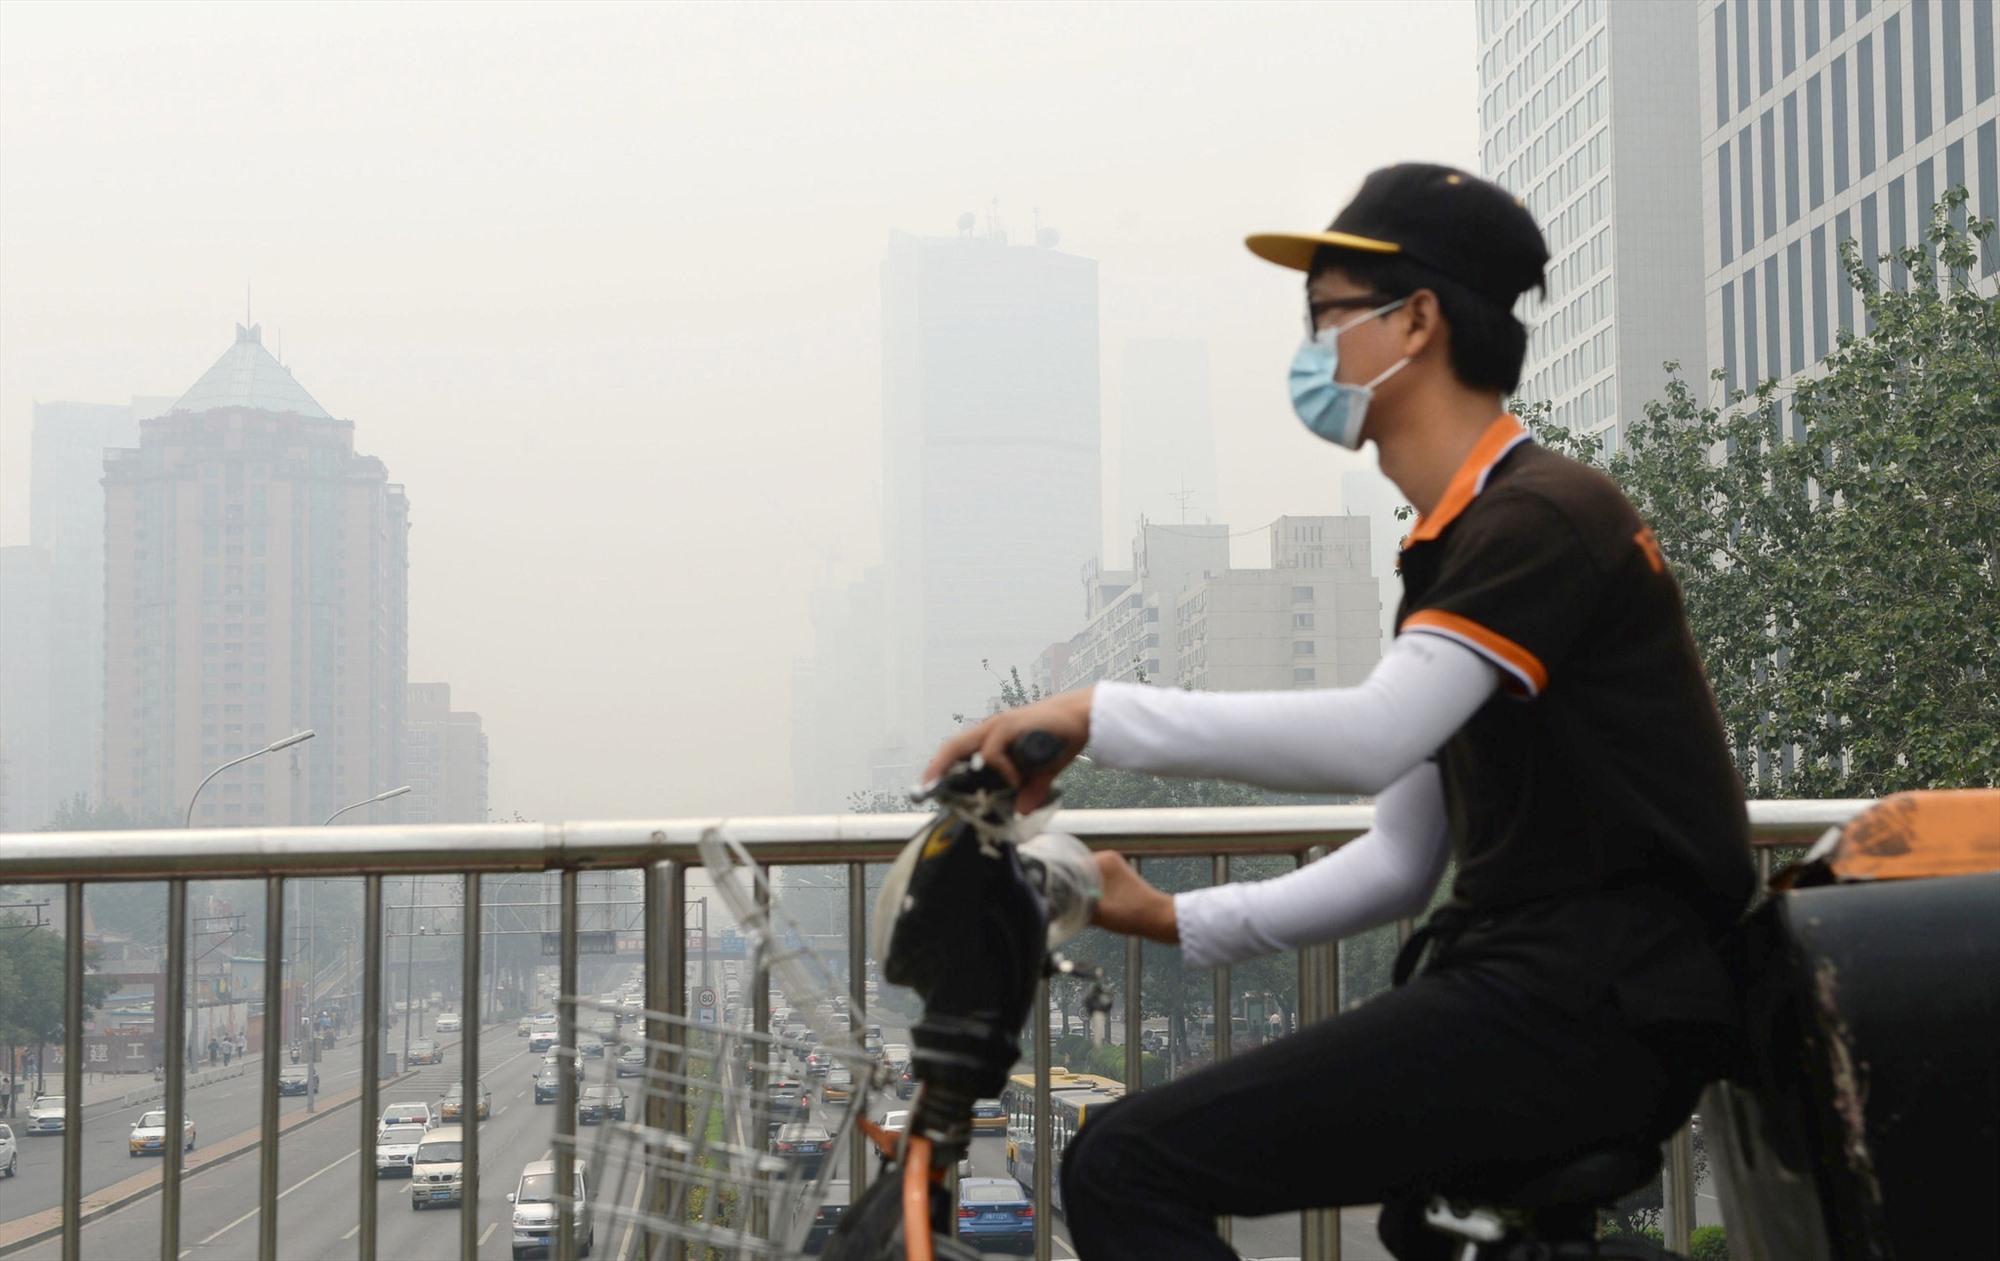 Ô nhiễm môi trường, biến đối khí hậu gây tổn hại đến sức khỏe con người. Ảnh: Gettyimage